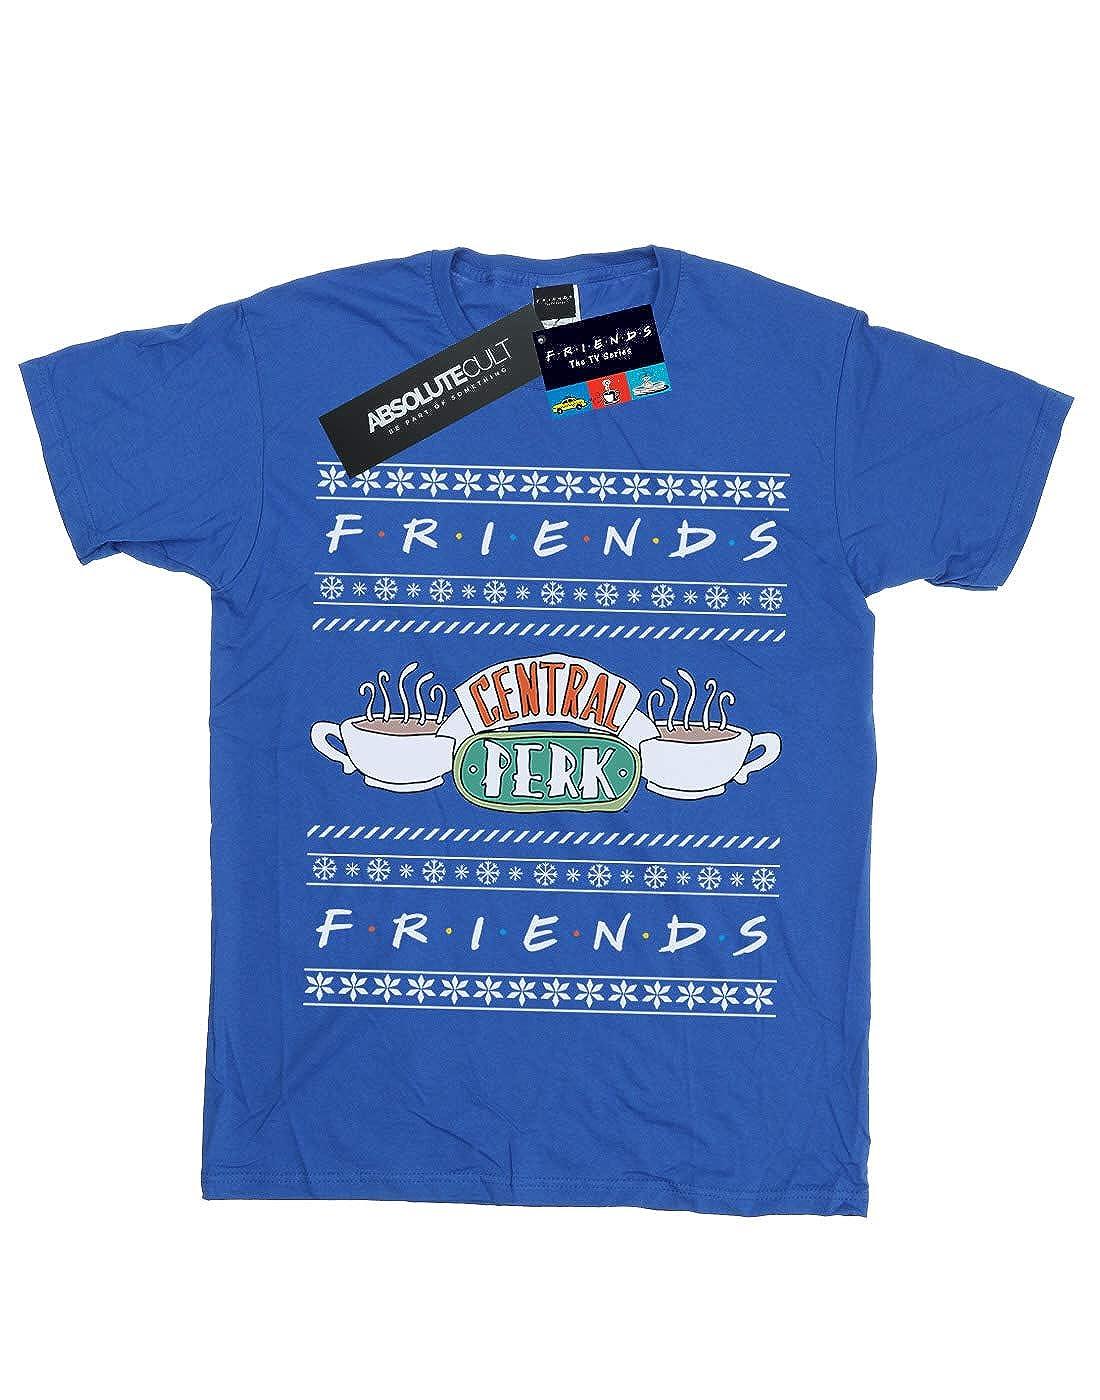 Absolute Cult Friends Girls Fair Isle Central Perk T-Shirt